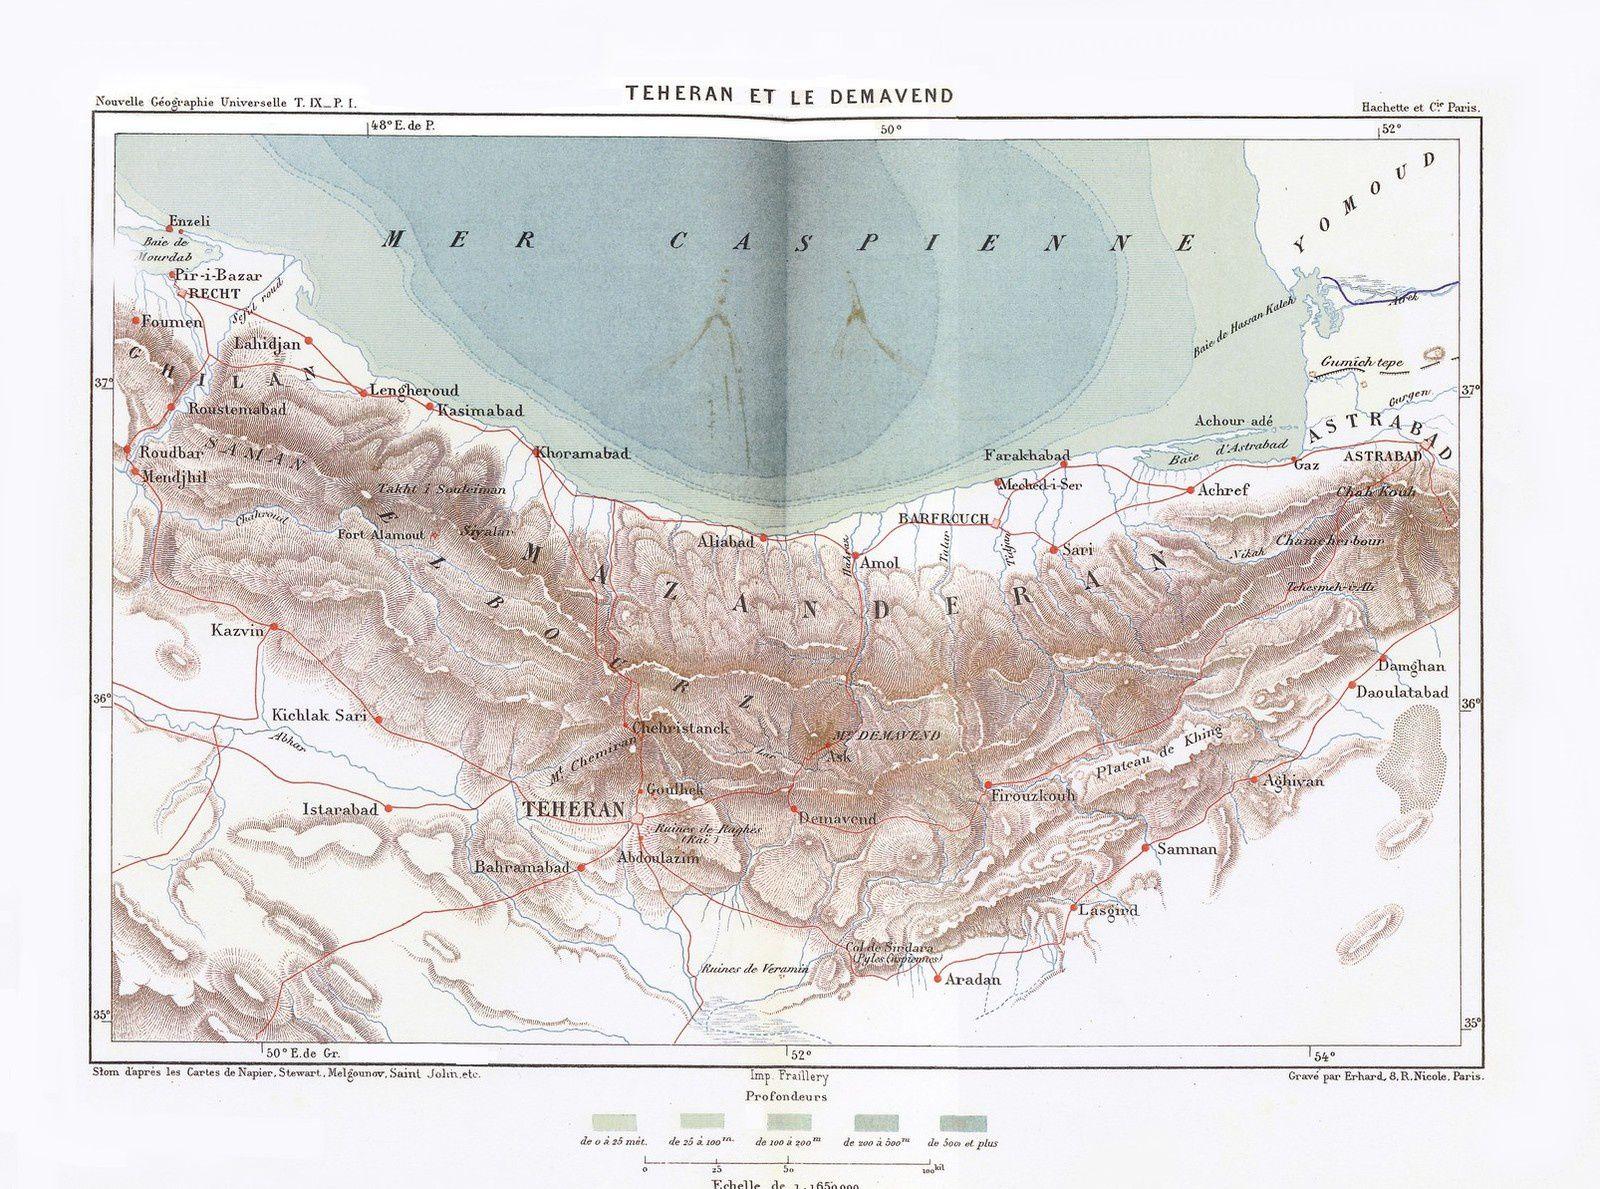 Iran : Le mont Demavend (Damavand) et la chaîne de l'Elbourz